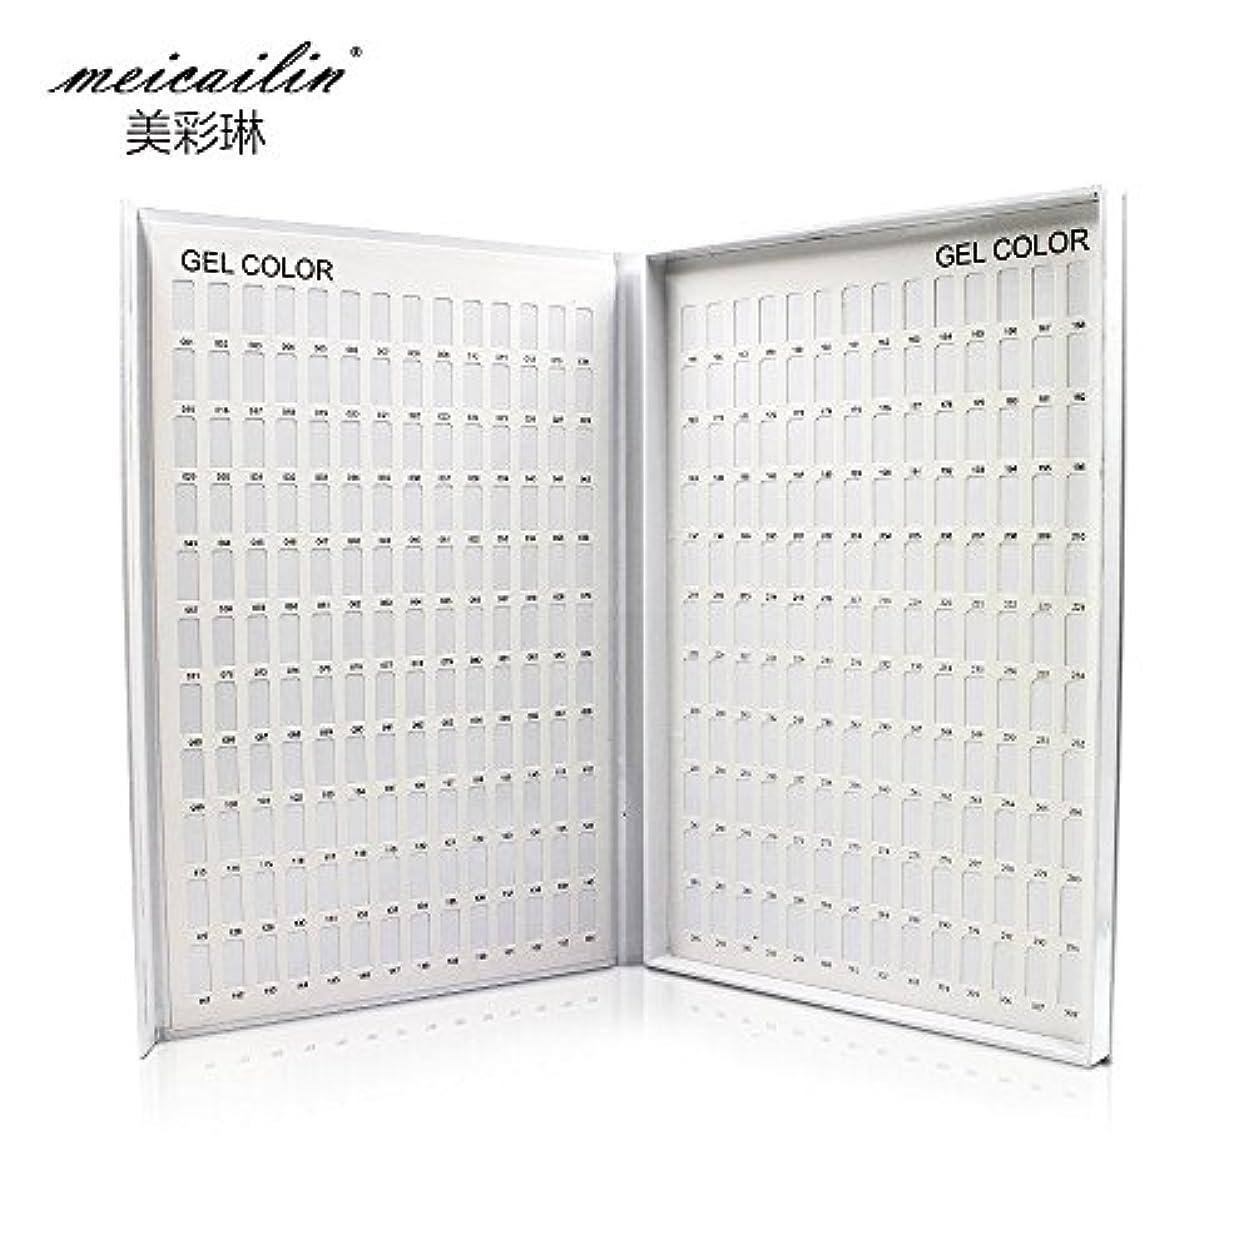 流天窓計器シンディー ネイルアートカラーチャートブック 色見本 サンプル帳 ホワイト 308色